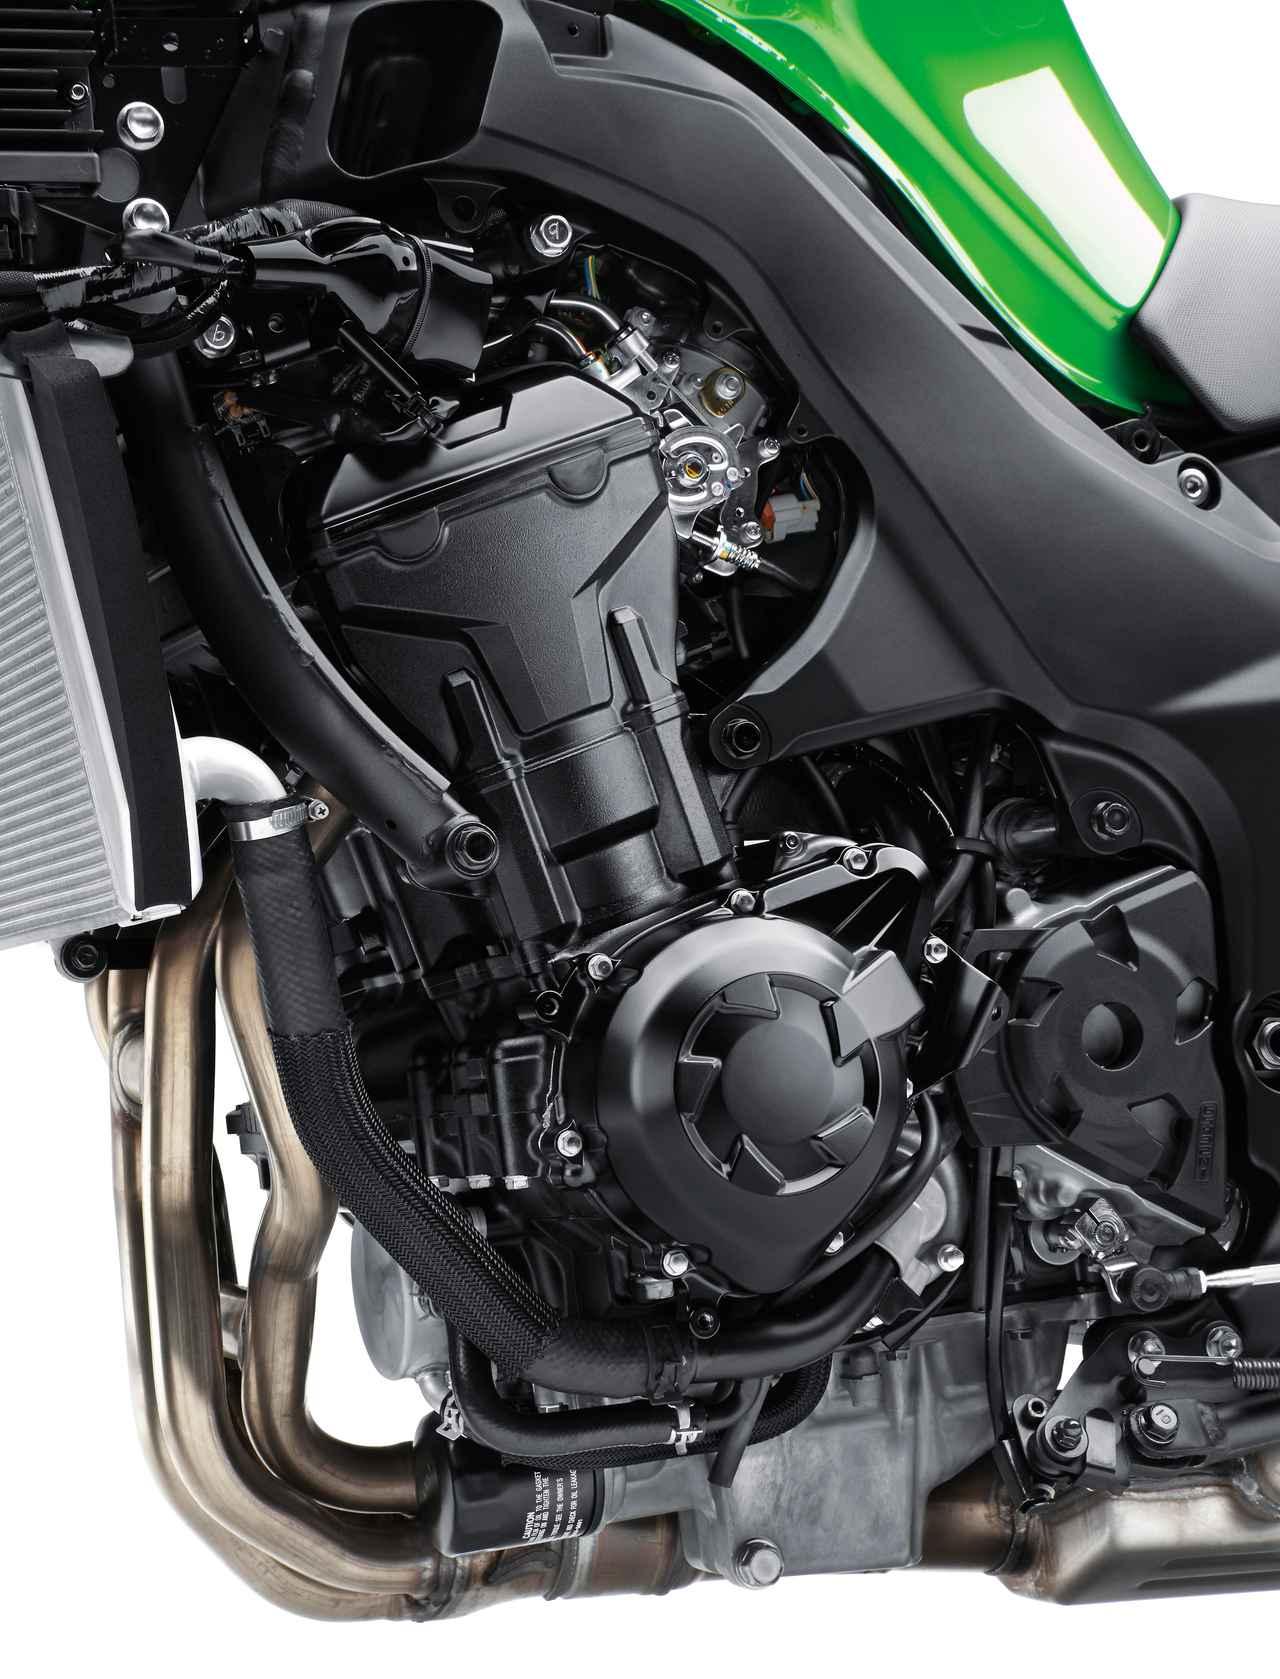 画像: 熟成を重ねて得た高い完成度に加え、最高出力141PSというパワフルさと豊かなトルクを併せ持つ1043cc水冷直4エンジン。ECUセッティングの見直しによってスムーズなパワー特性を実現。